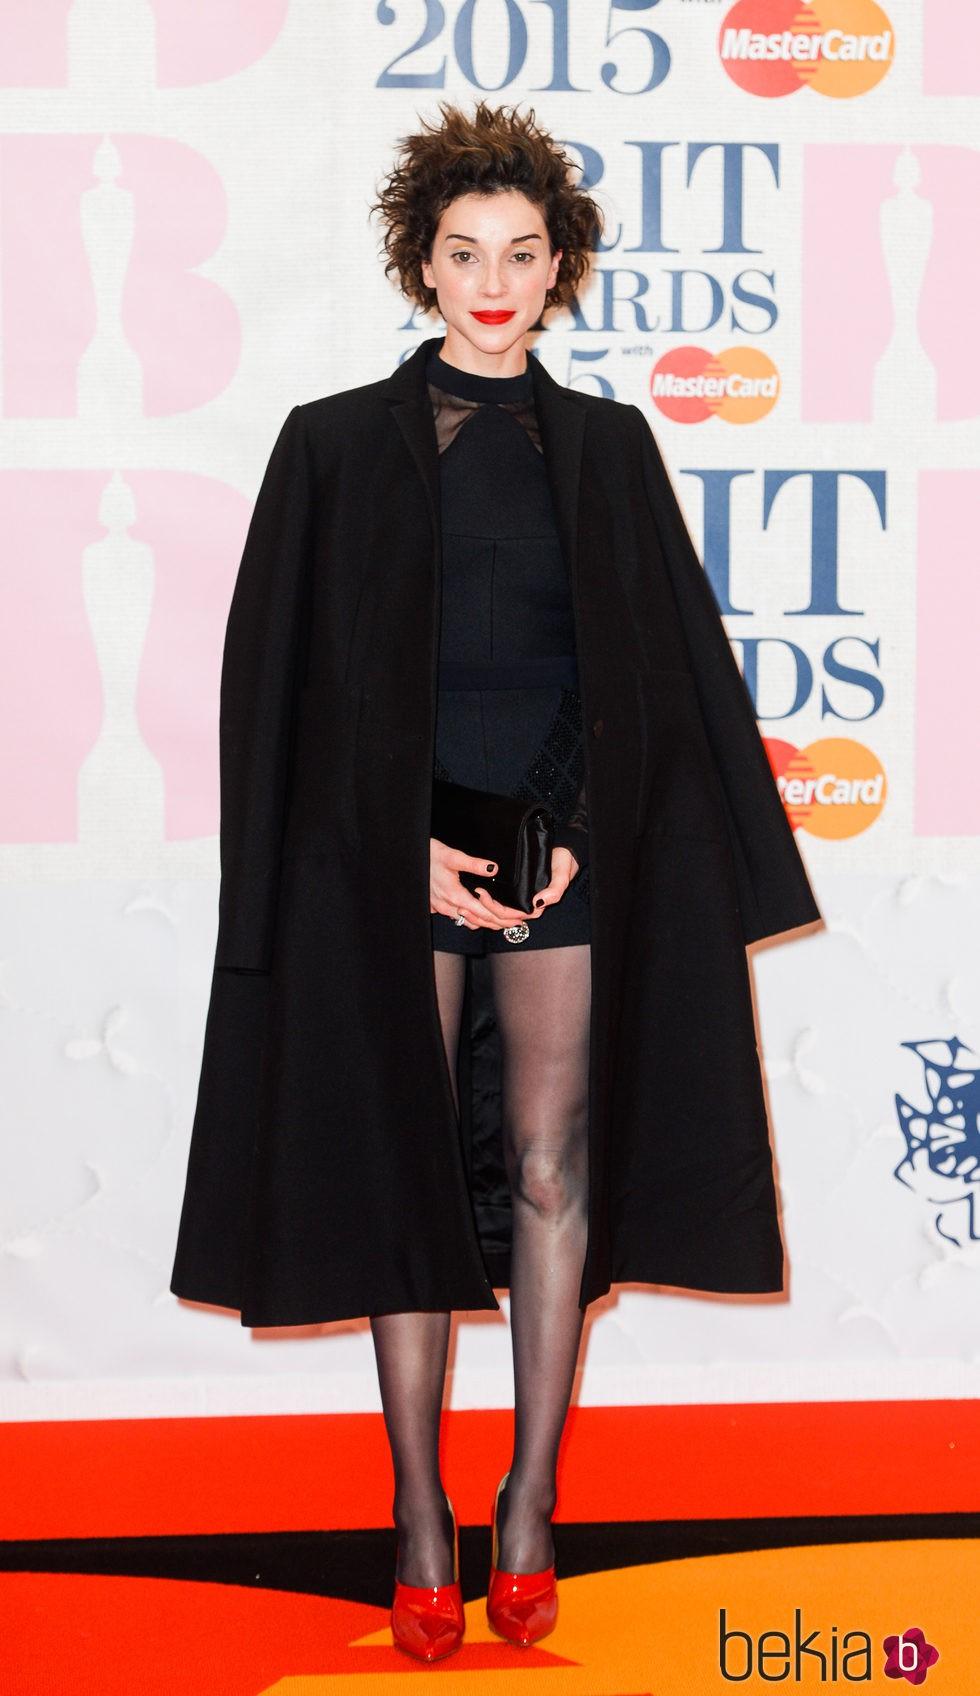 St. Vicent en la alfombra roja de los Brit Awards 2015